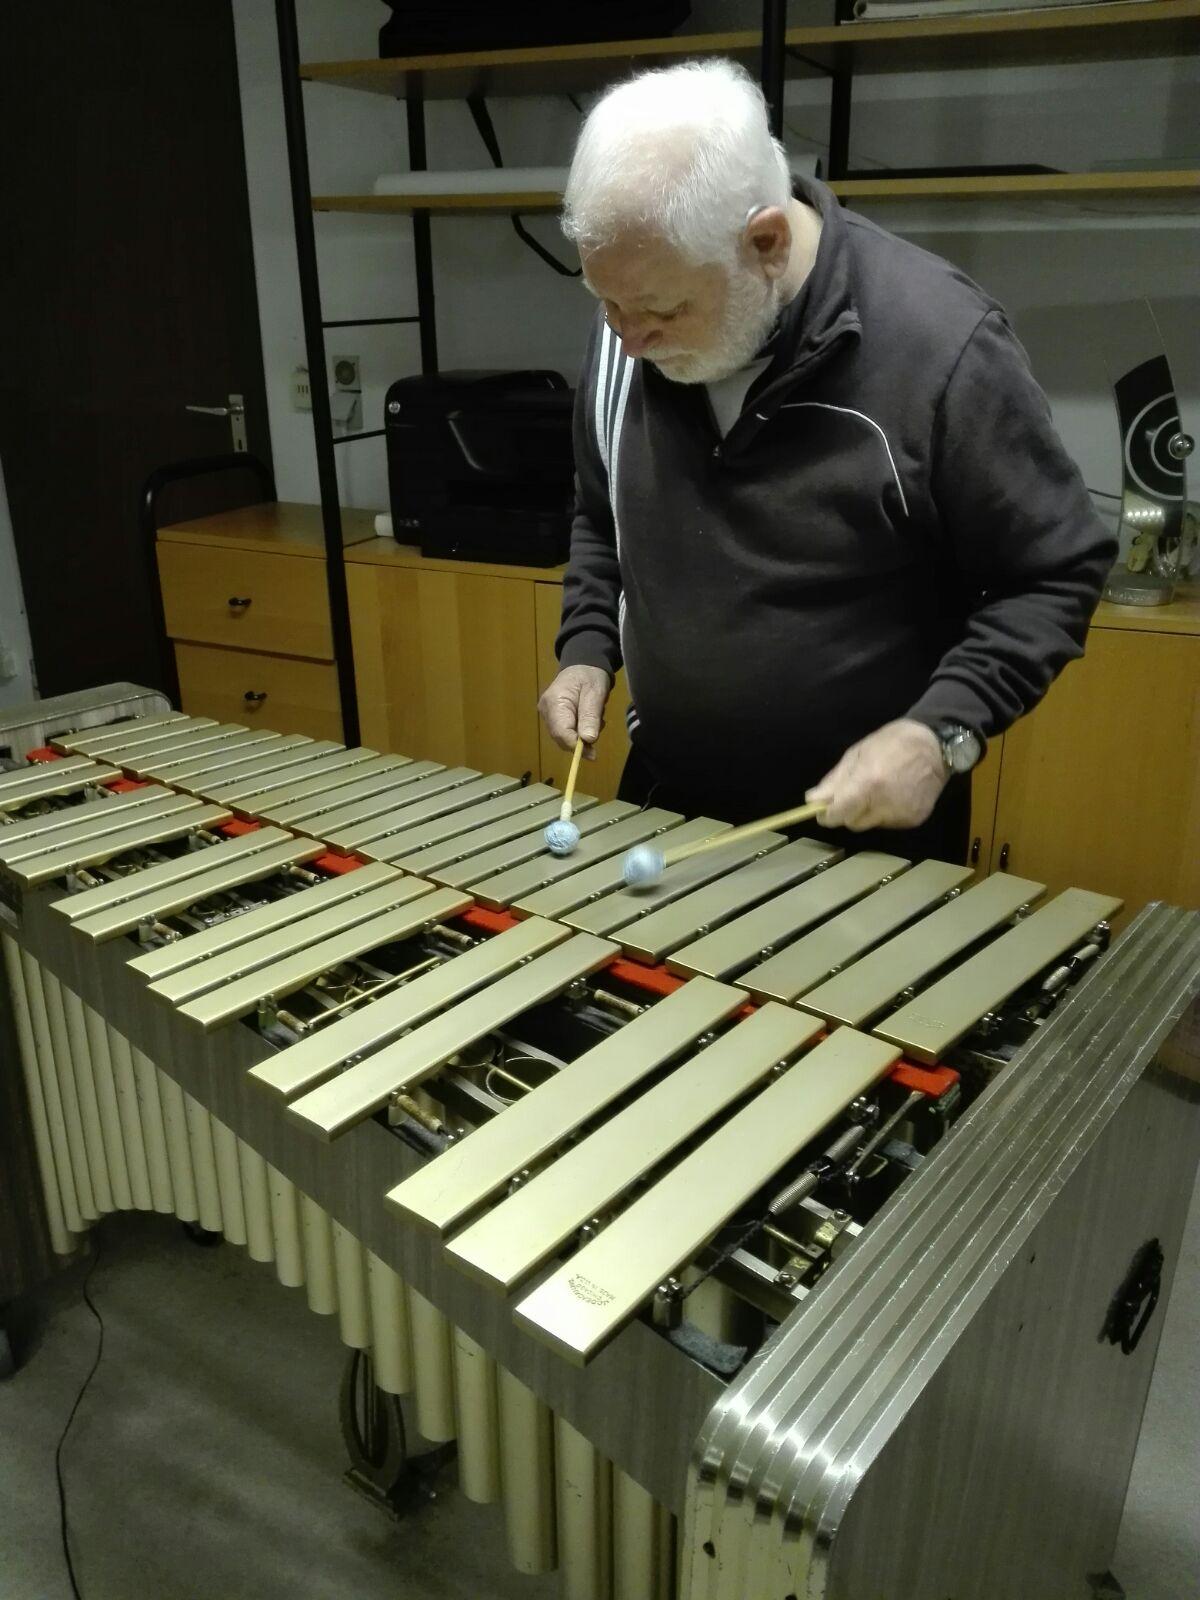 Schlüter übt in seinem privaten Musikkeller beinahe täglich, um auch weiterhin in gewohnter Qualität zu spielen (Fotocredit: Christiane K.)